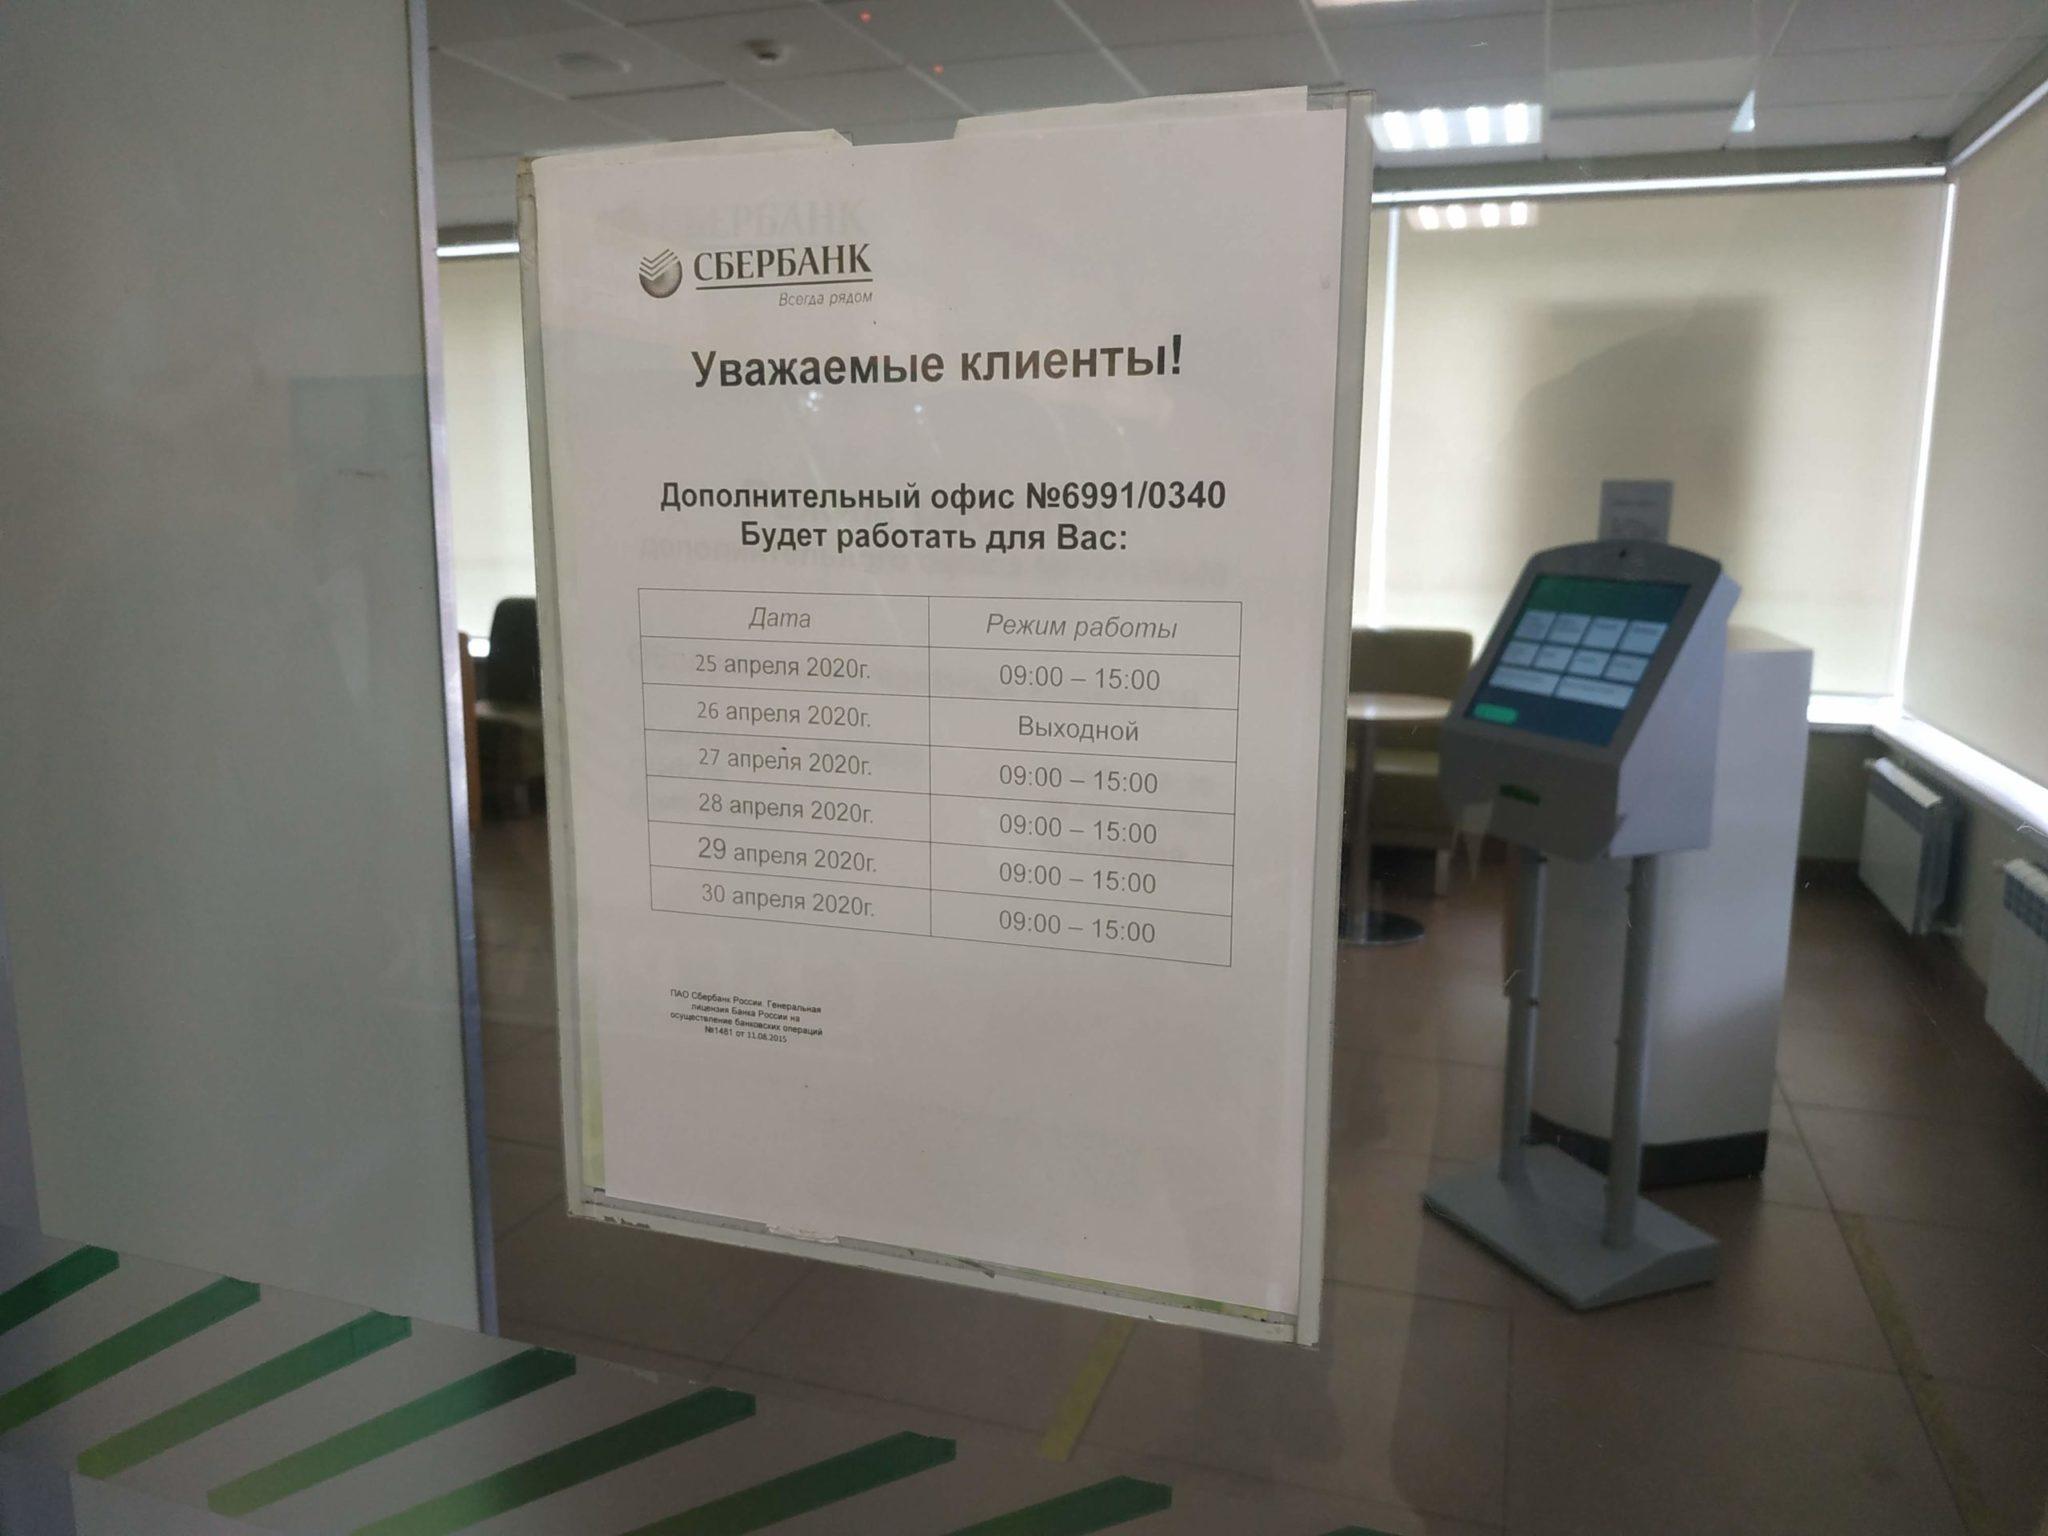 Как работает Сбербанк в Самаре